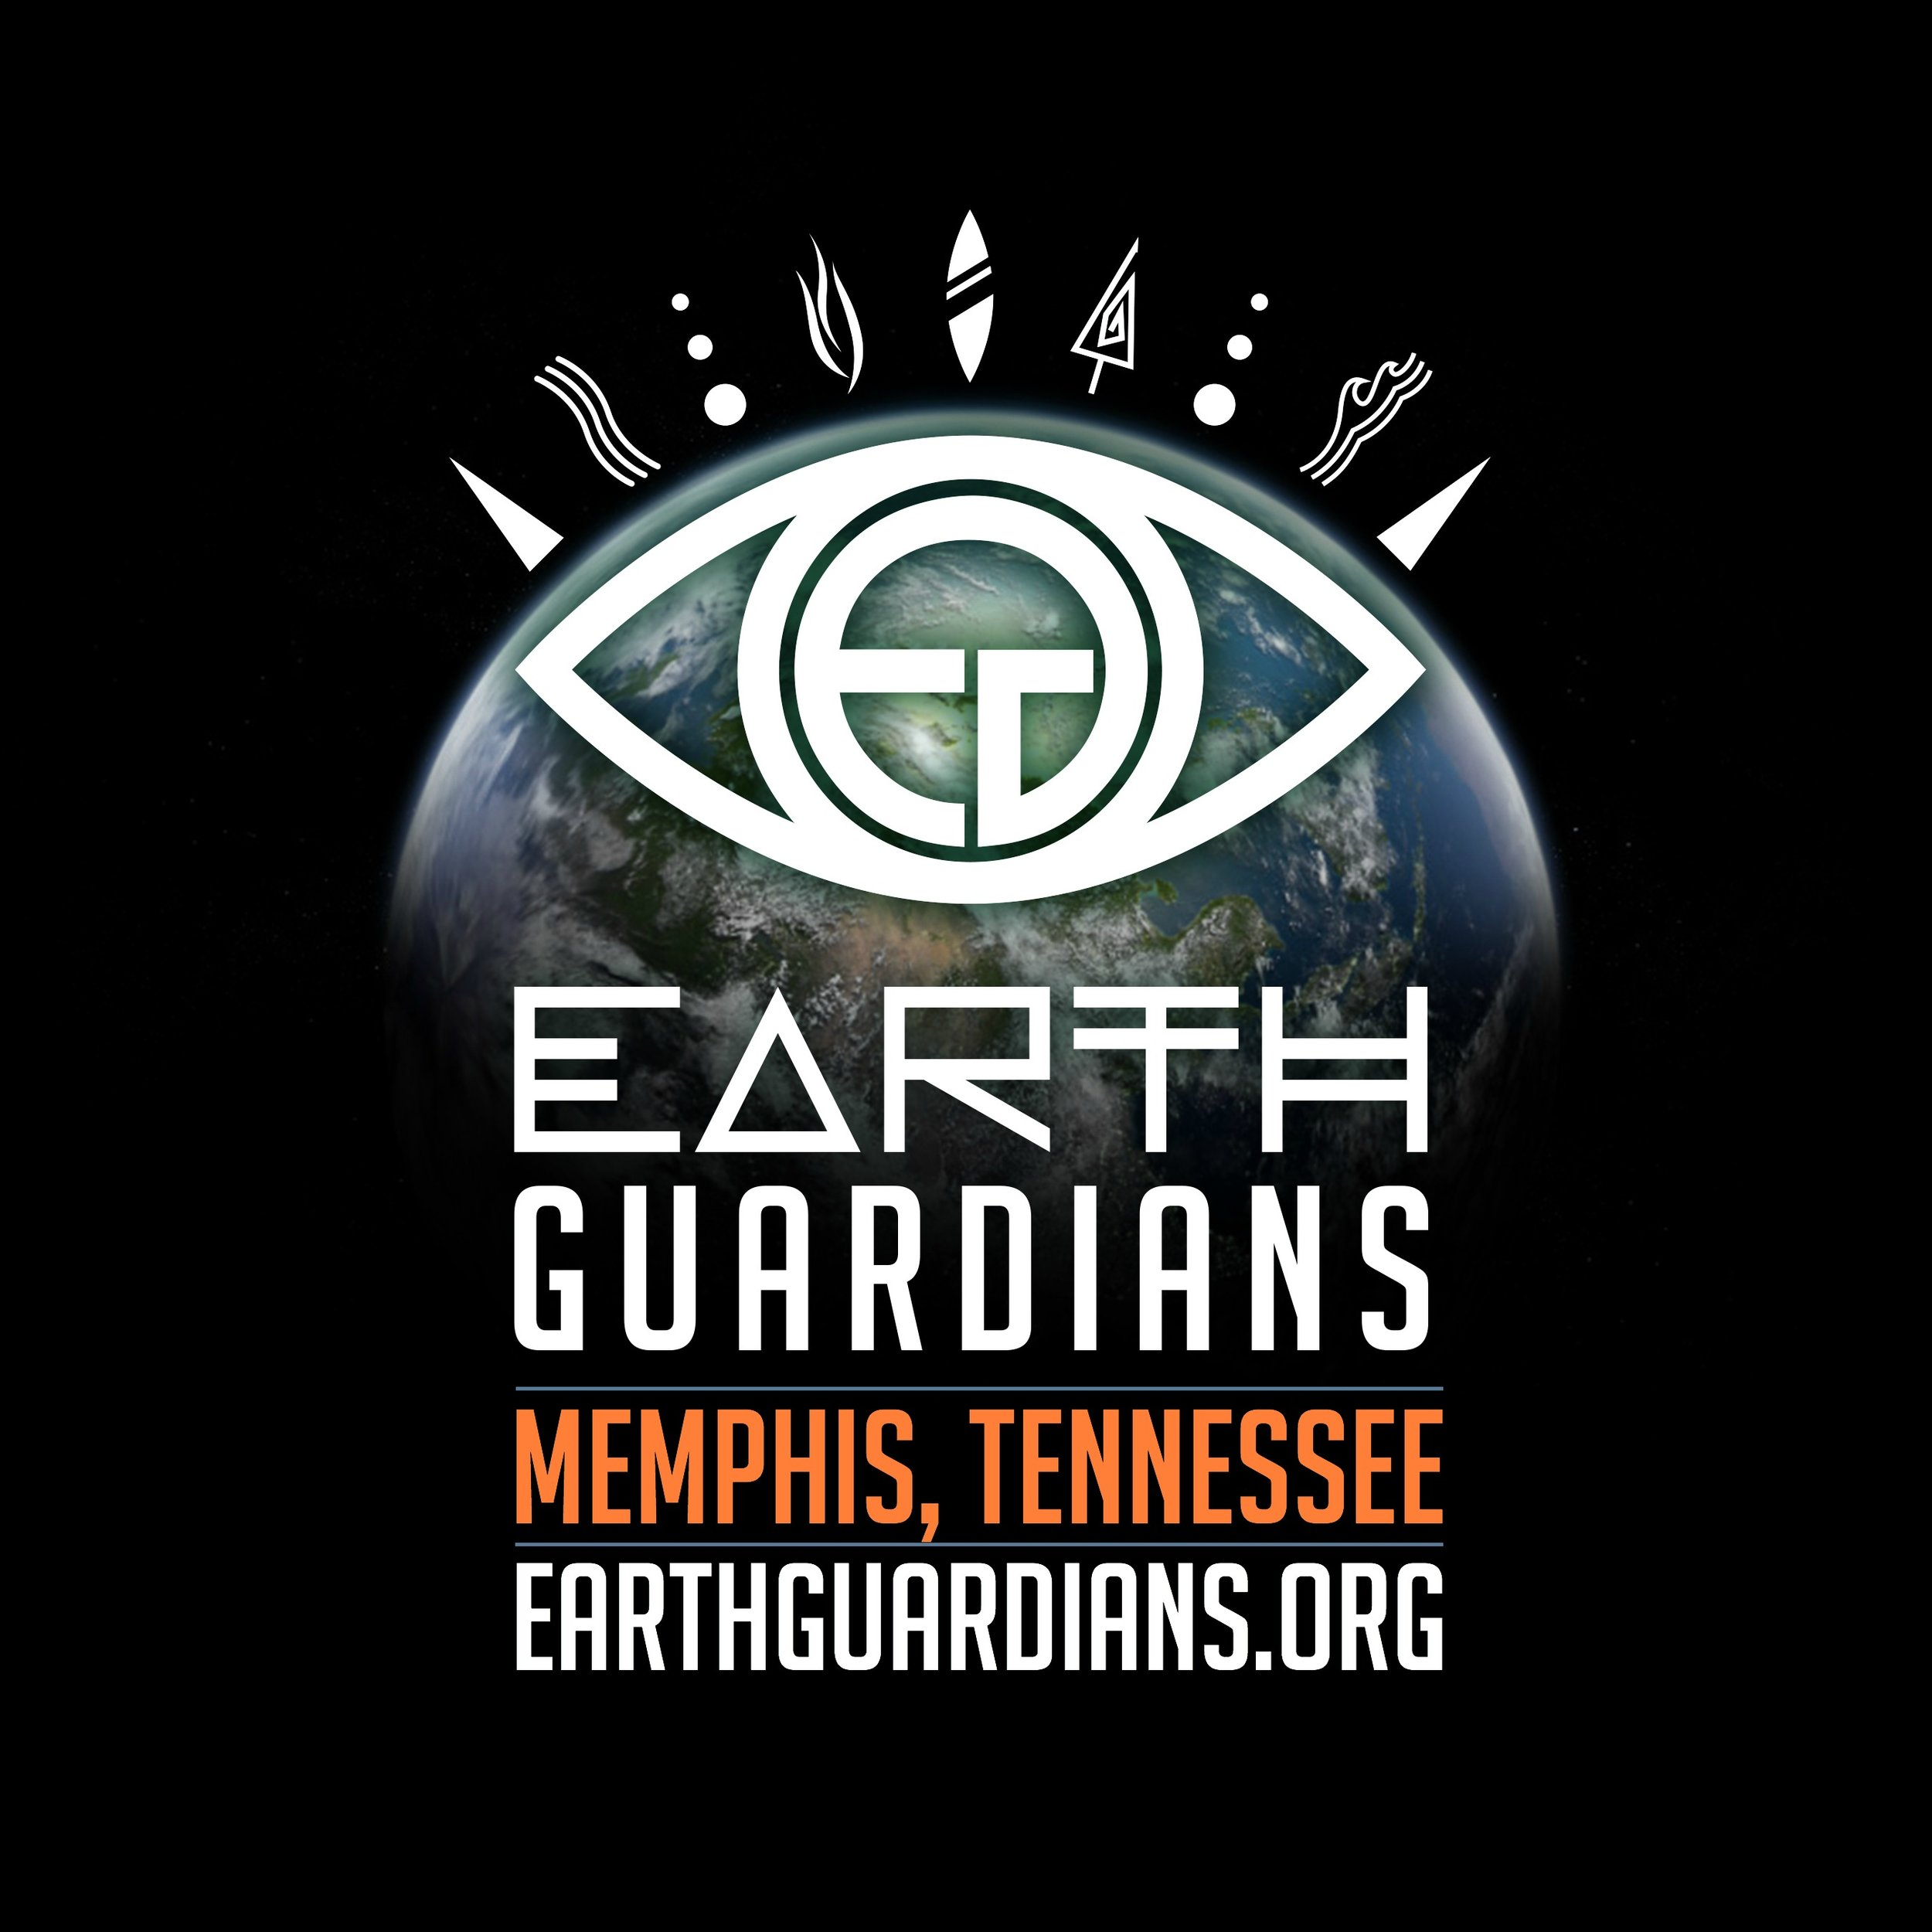 EG_crew logo MEMPHIS.jpg